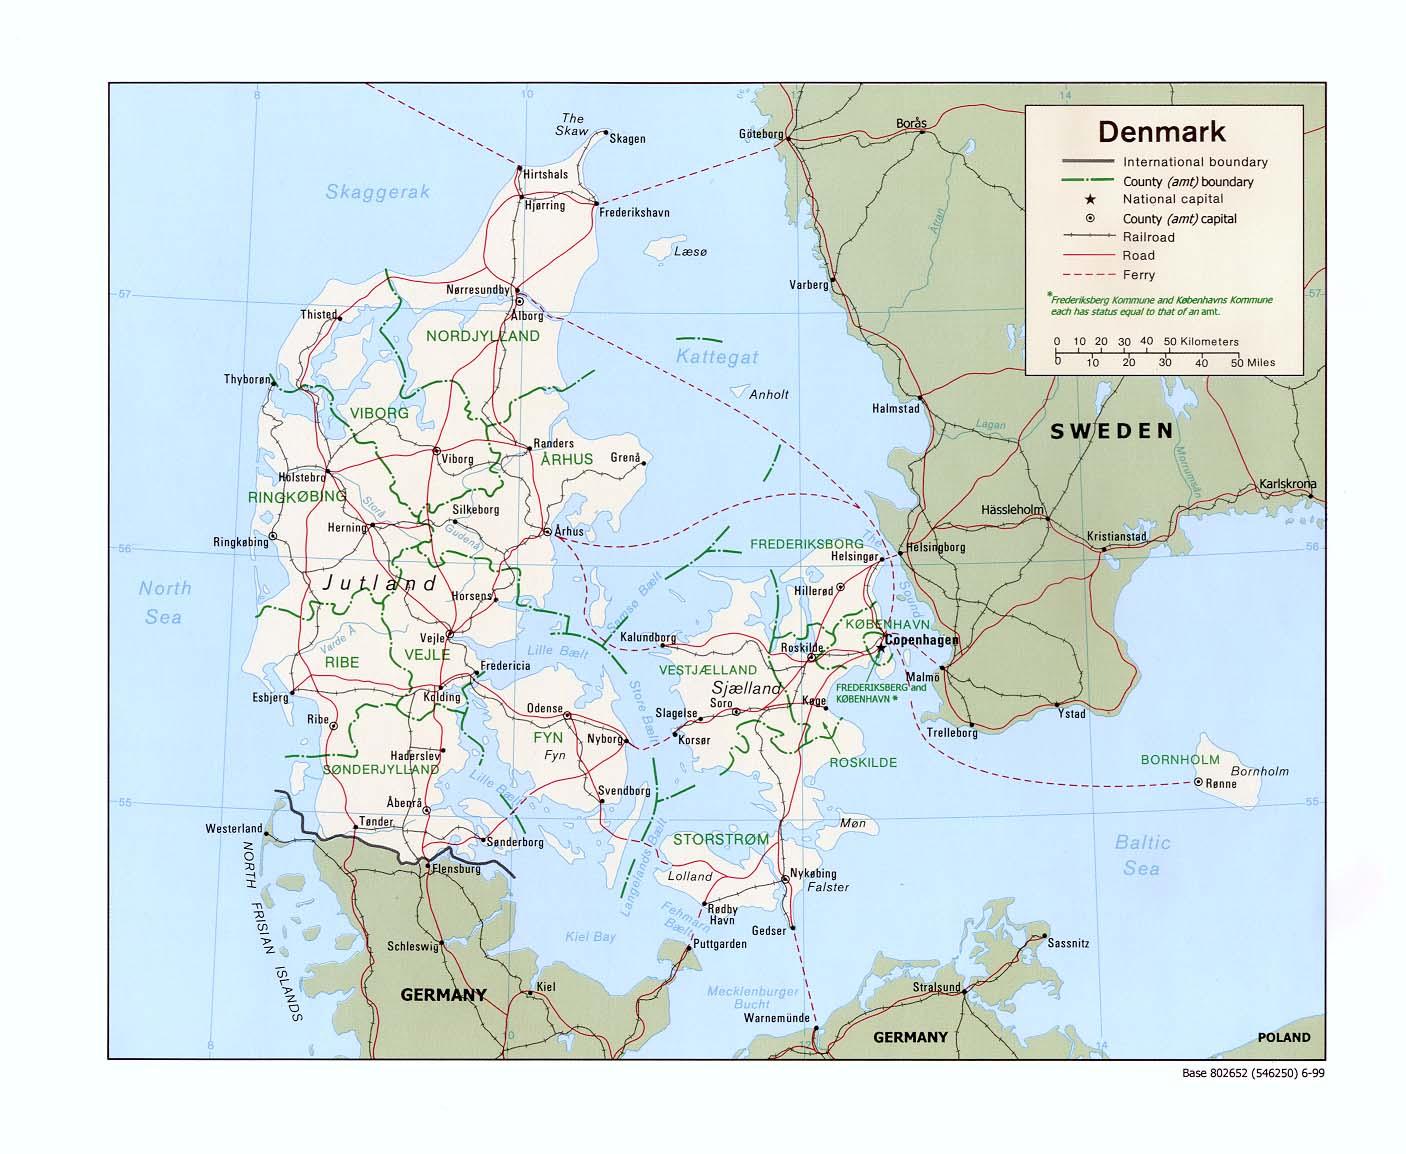 karta över danmark och norra tyskland Skagen | Travel Forum karta över danmark och norra tyskland